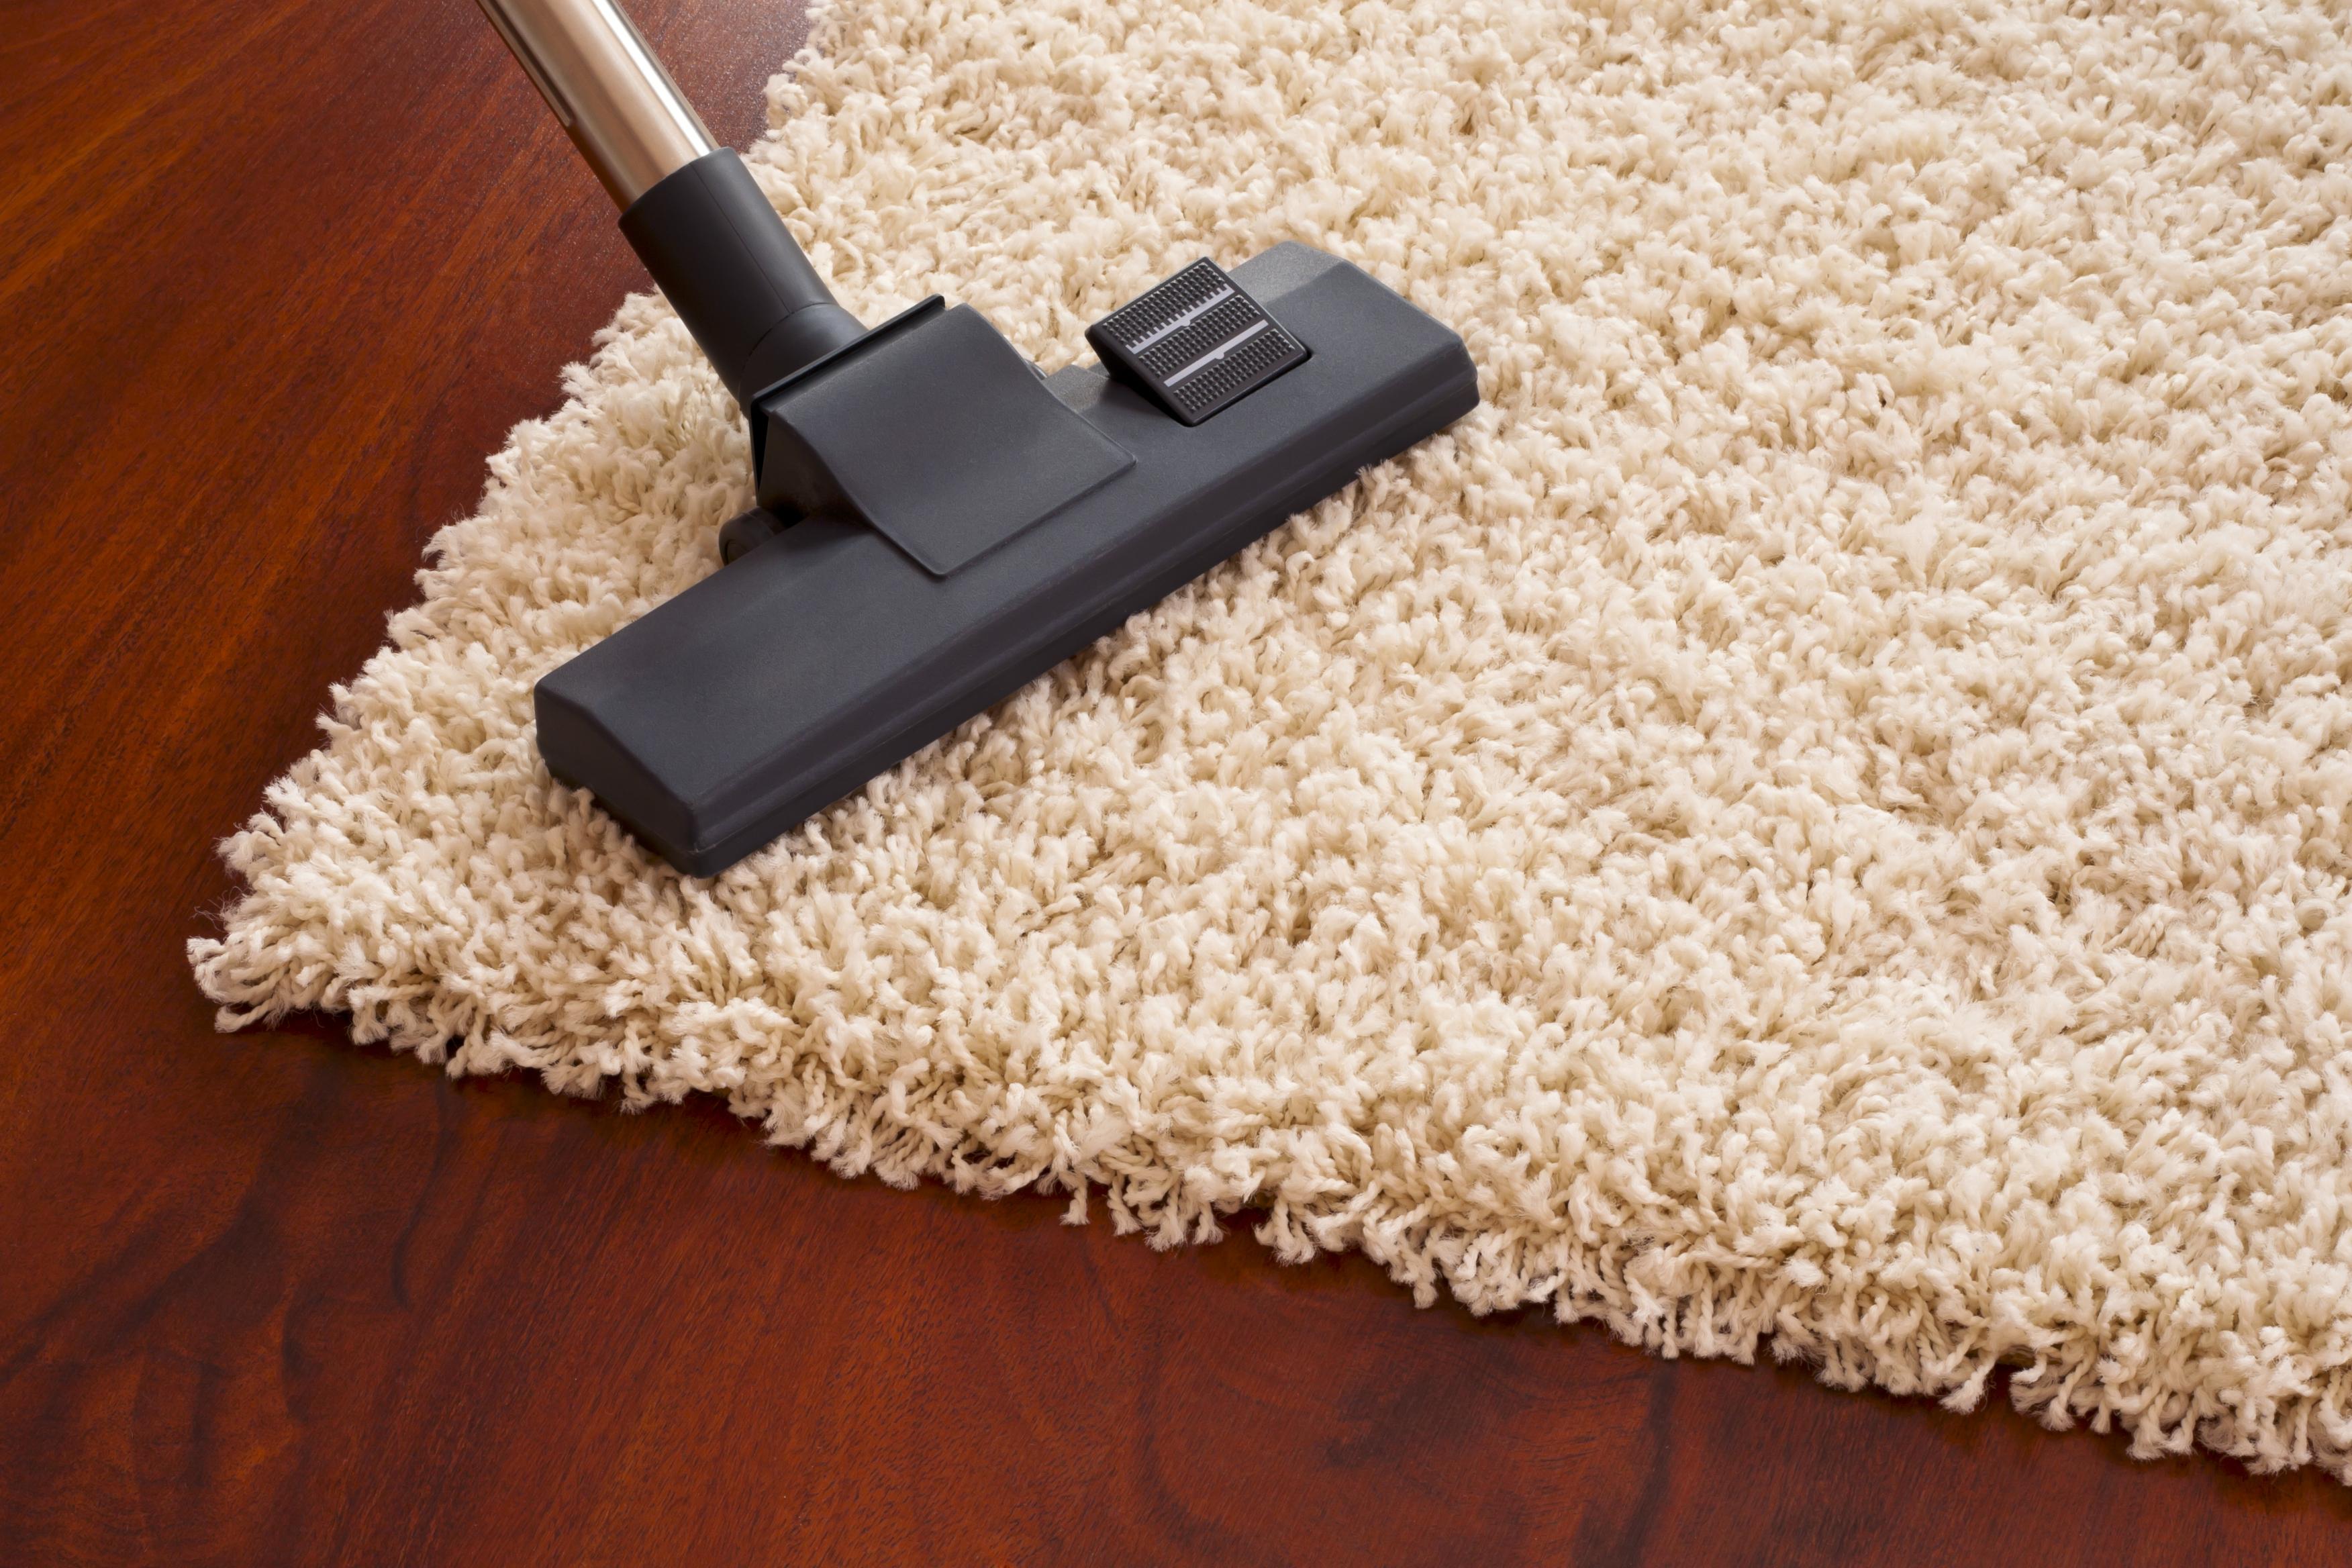 Професионално есенно почистване на настилки, мебели, прозорци в апартамент до 70 кв.м. с професионална апаратура от фирма Мирал!